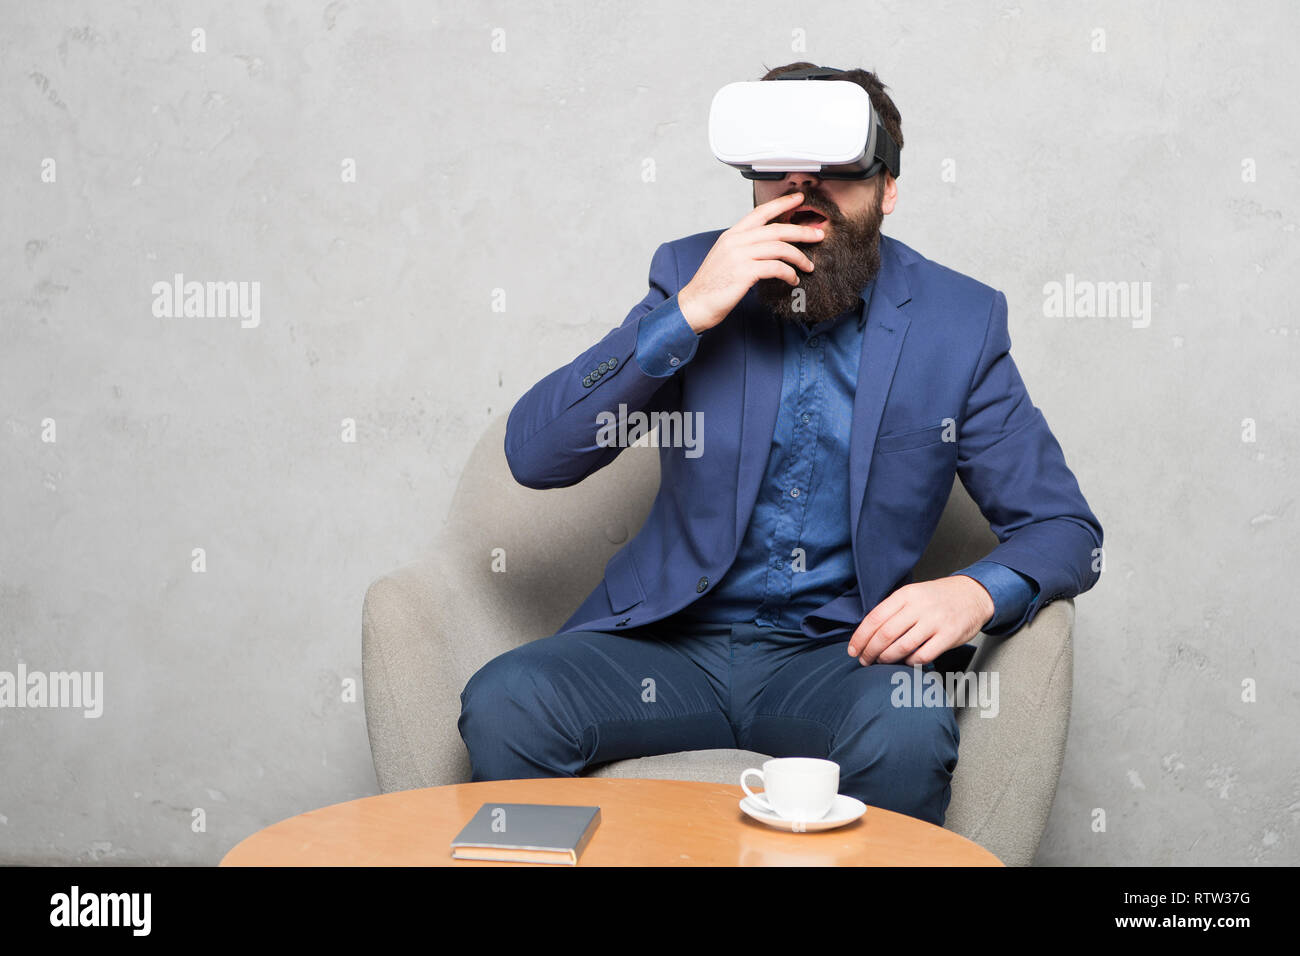 Businessman siéger président porter hmd explorer la réalité virtuelle ou ar. Partenaire d'affaires d'interagir dans la réalité virtuelle. Nouvelle opportunité. Les logiciels modernes pour les entreprises. La mise en œuvre d'une technologie moderne. Photo Stock